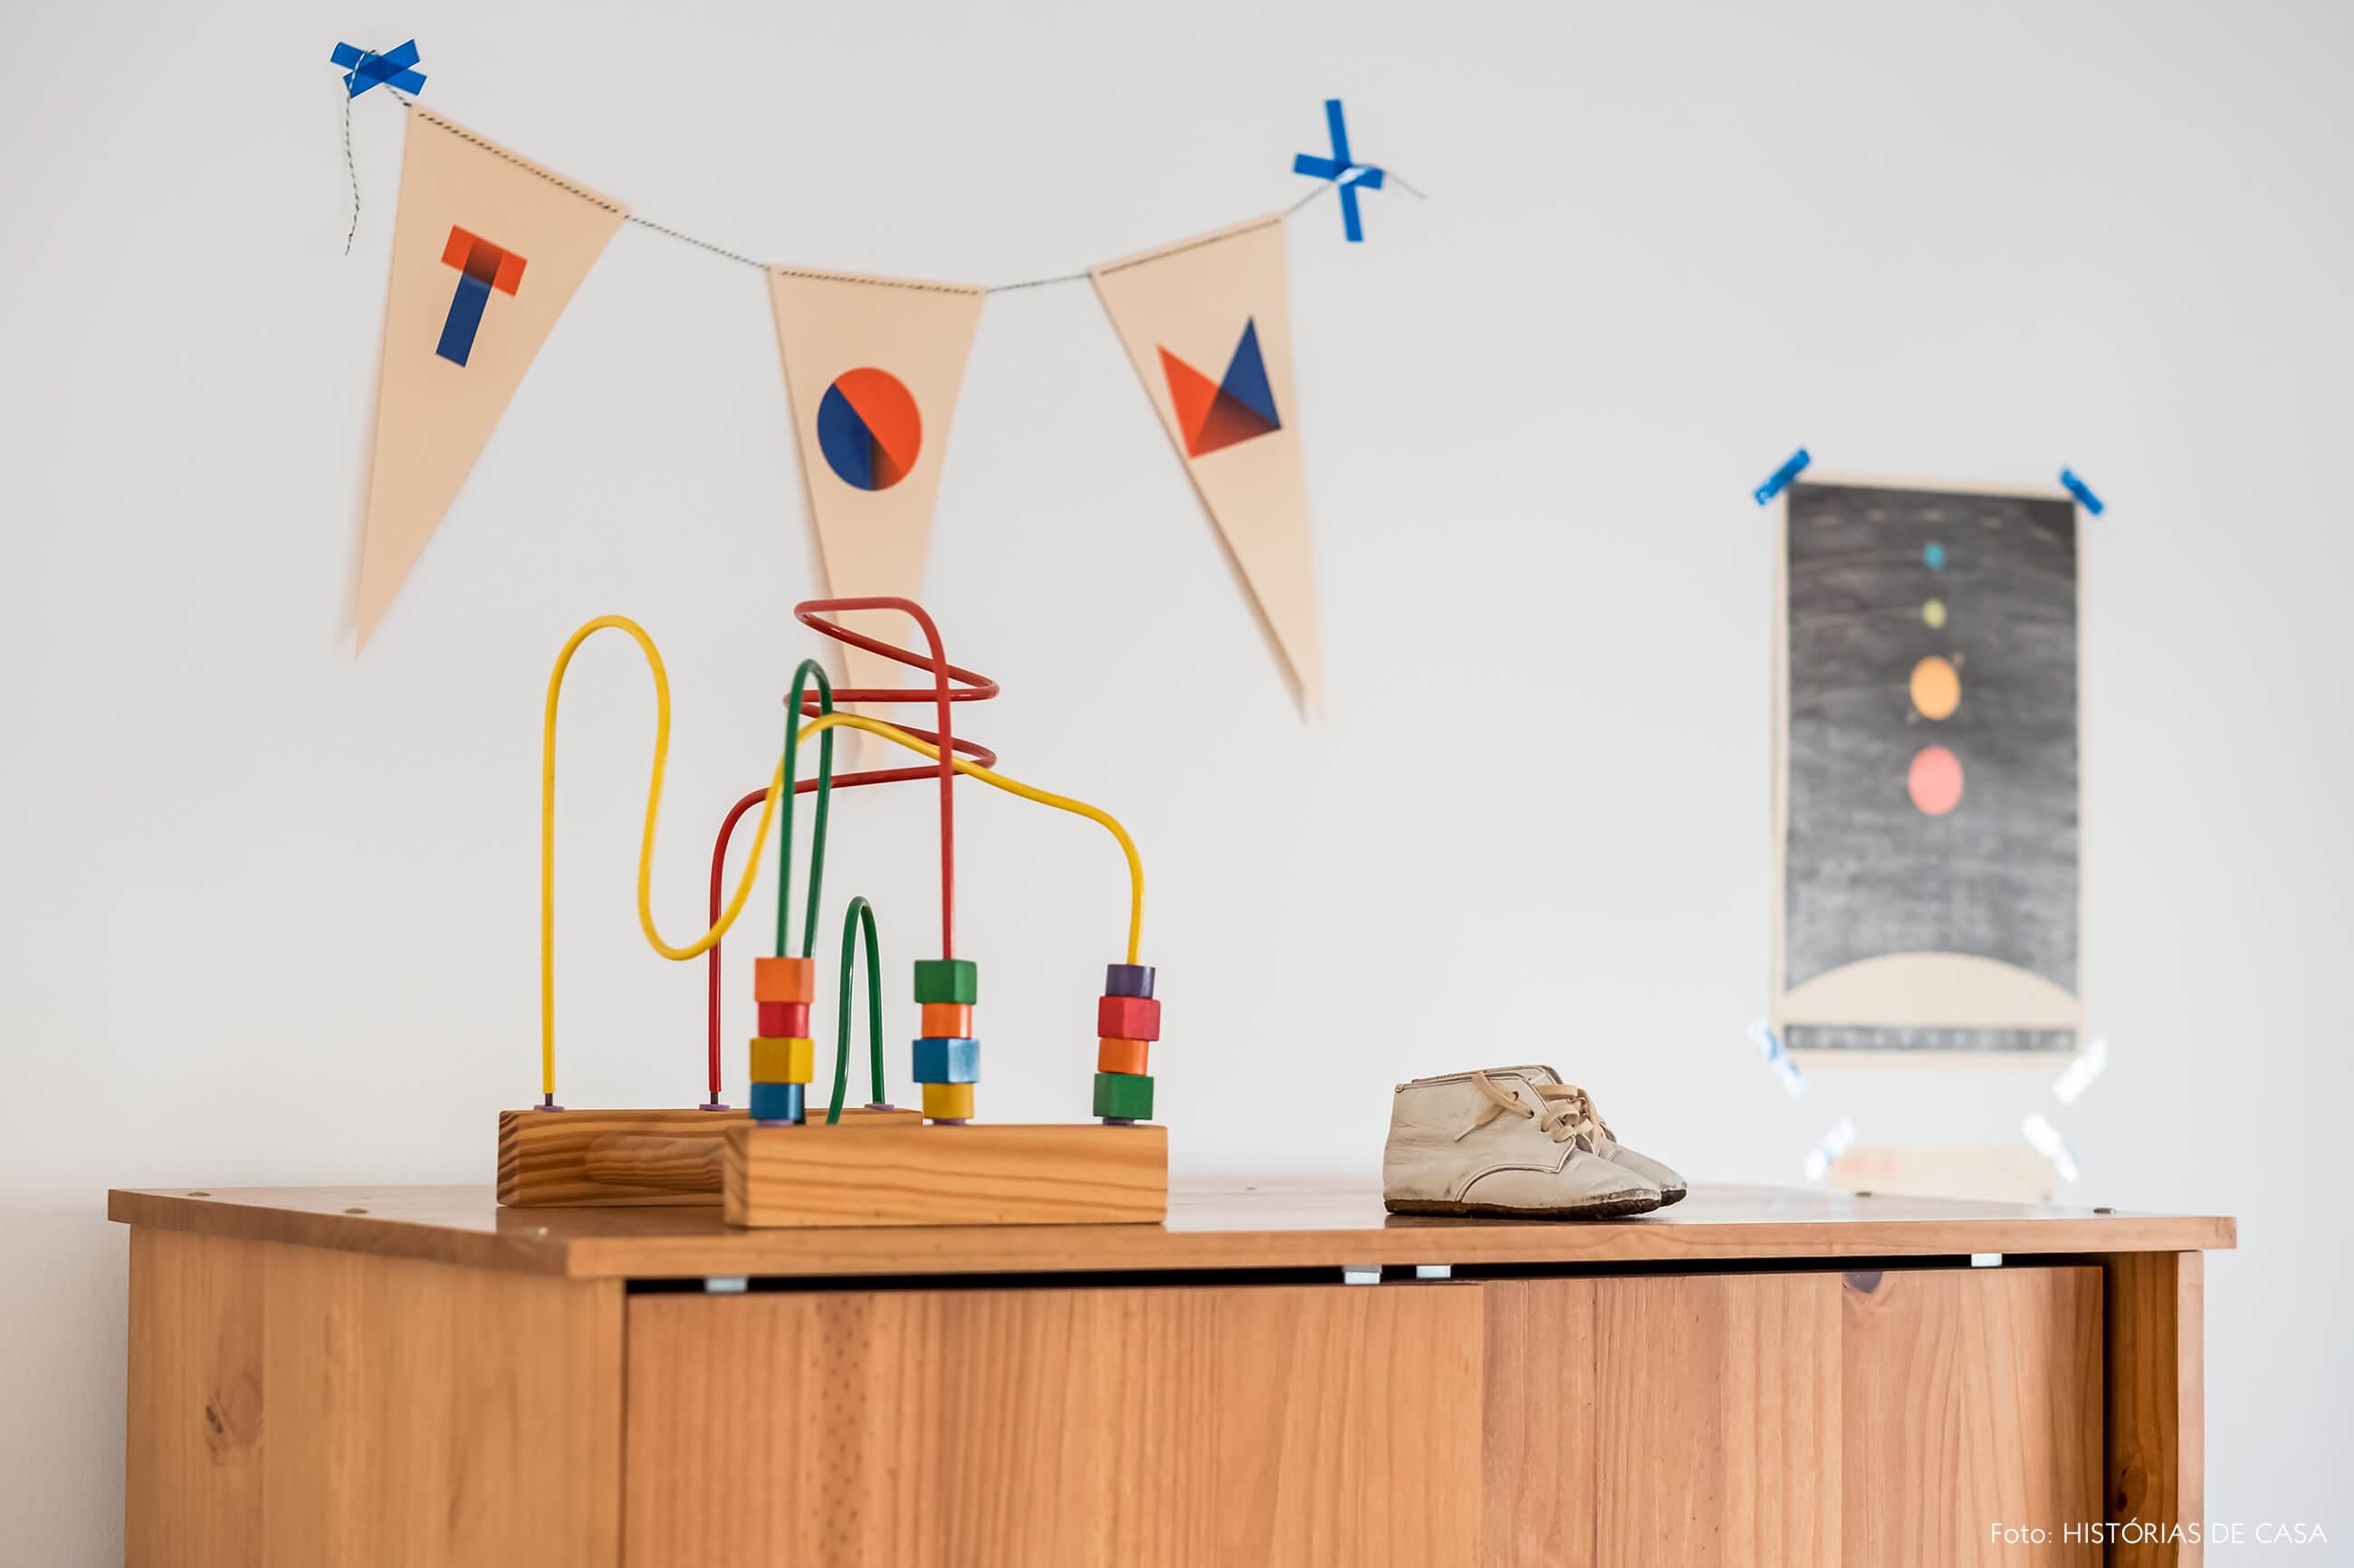 Quarto de criança com móveis de madeira e bandeirola